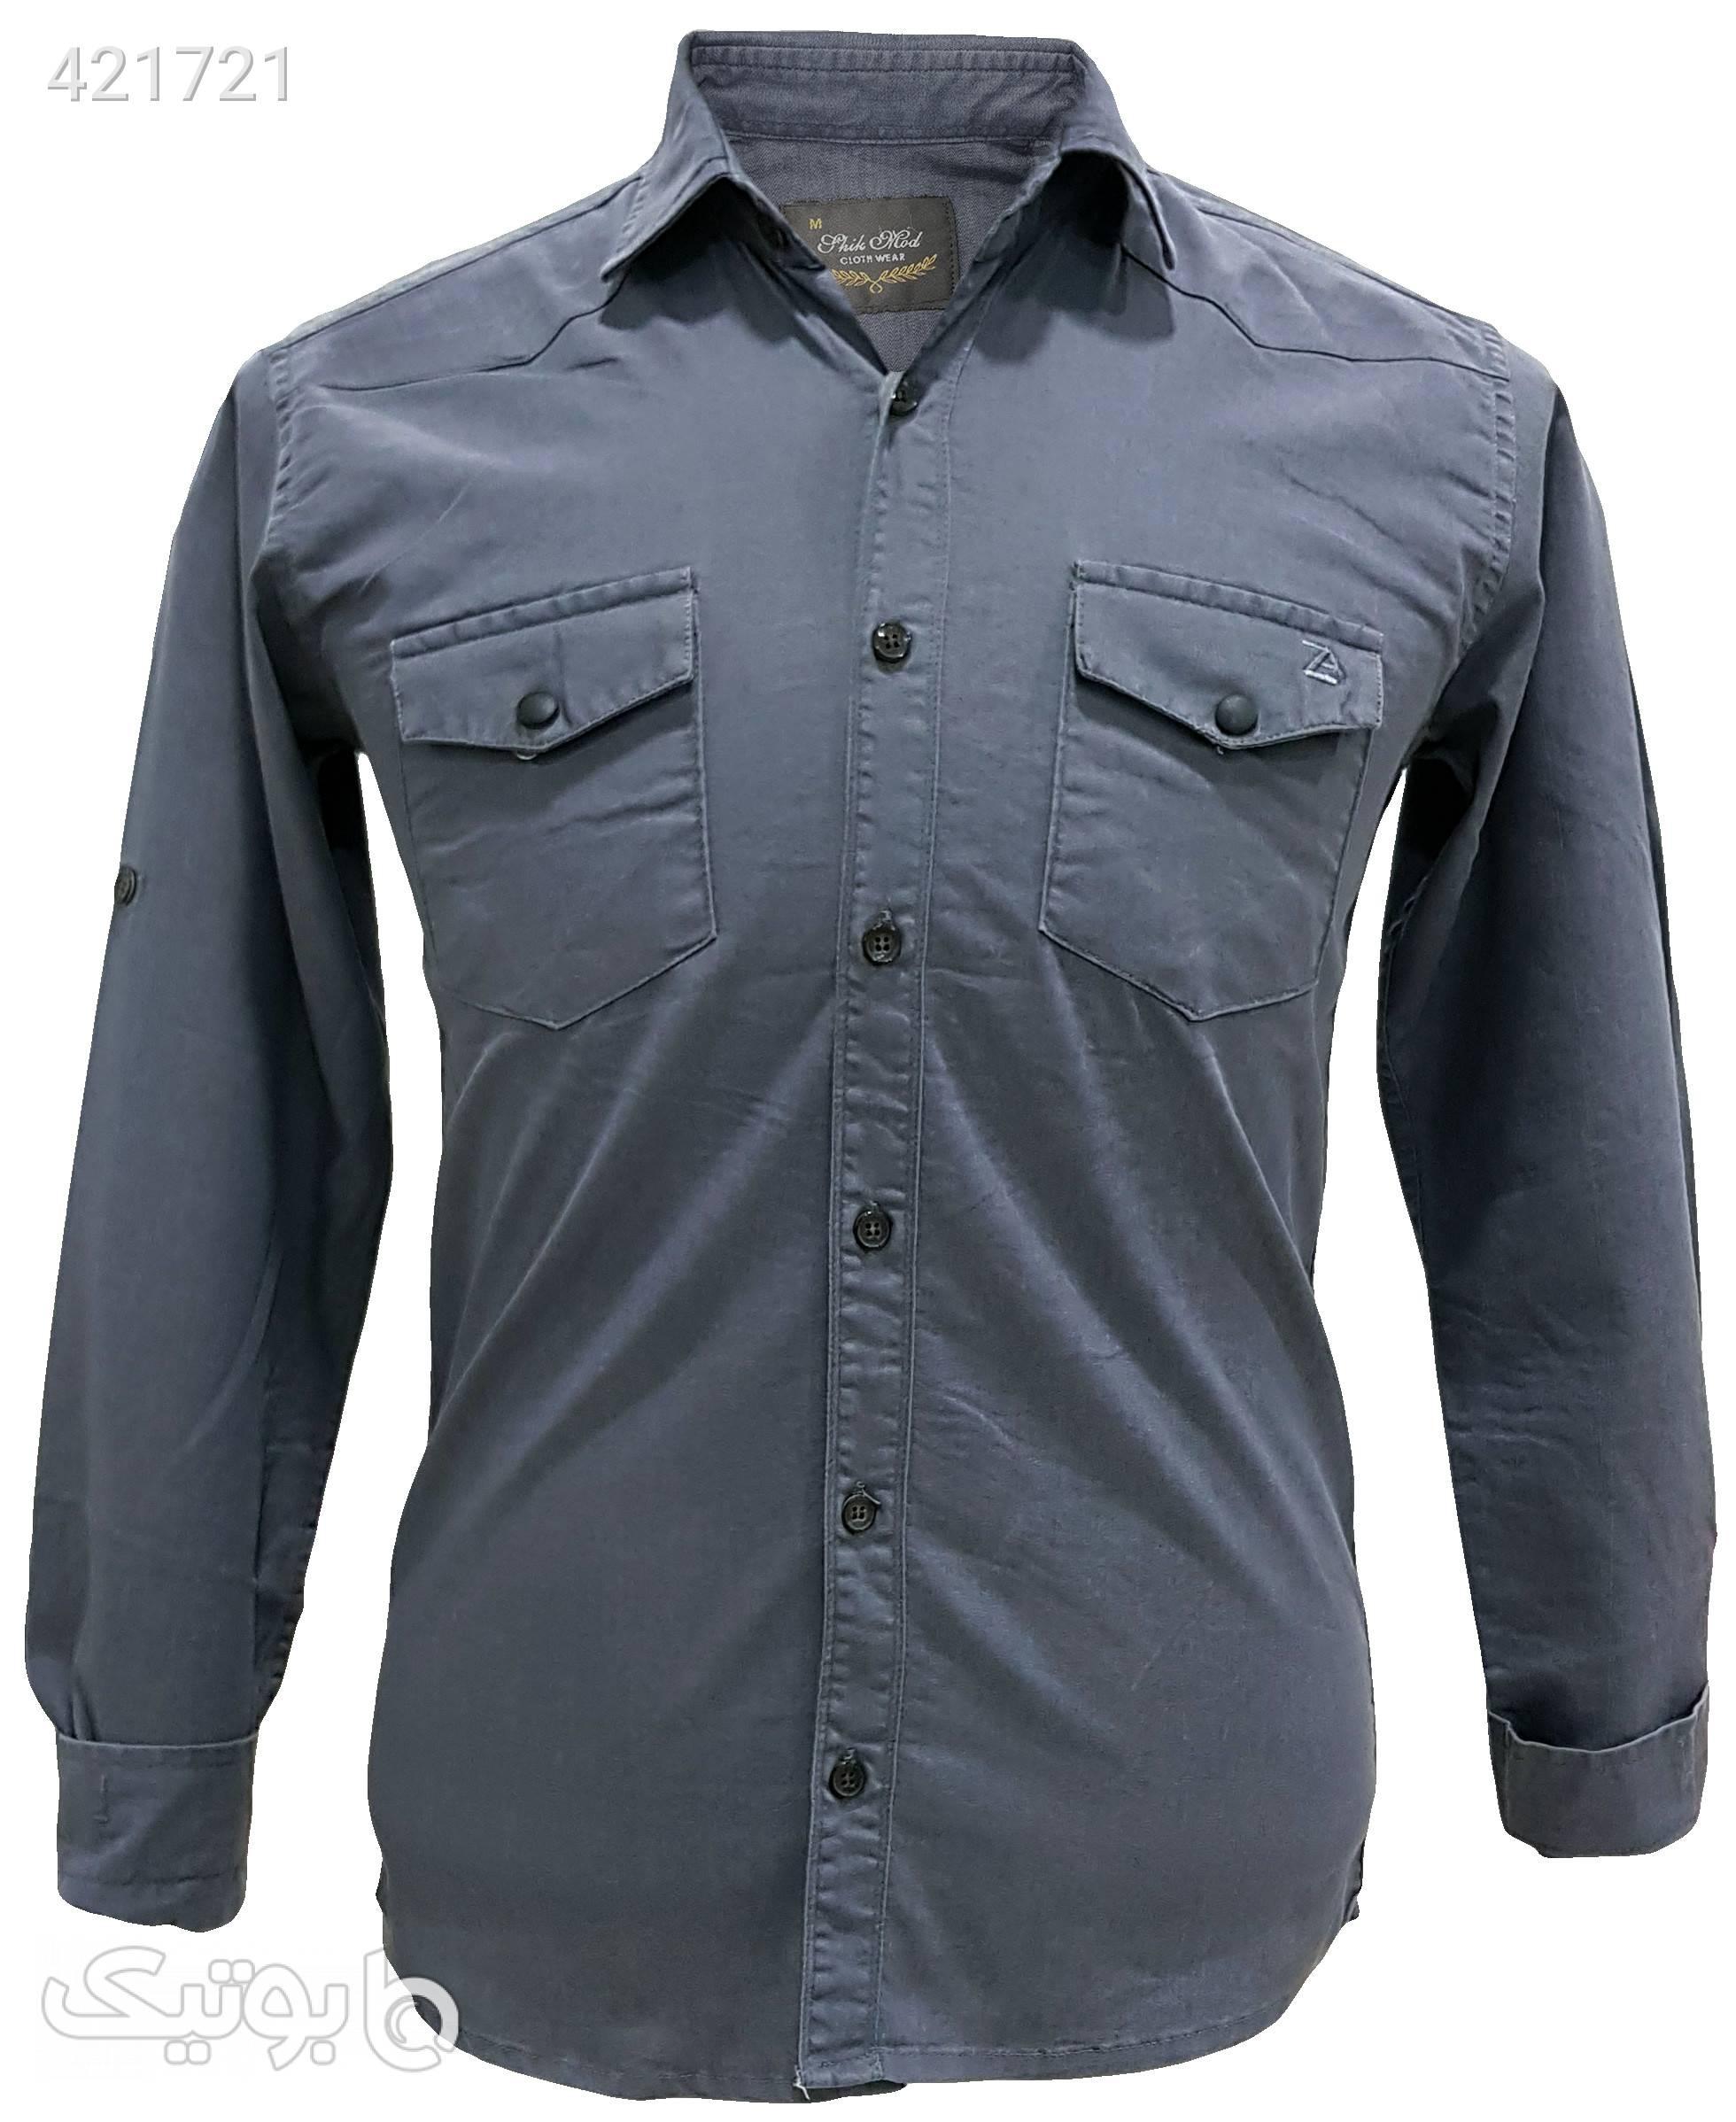 پیراهن کتان دو جیب طوسی پيراهن مردانه